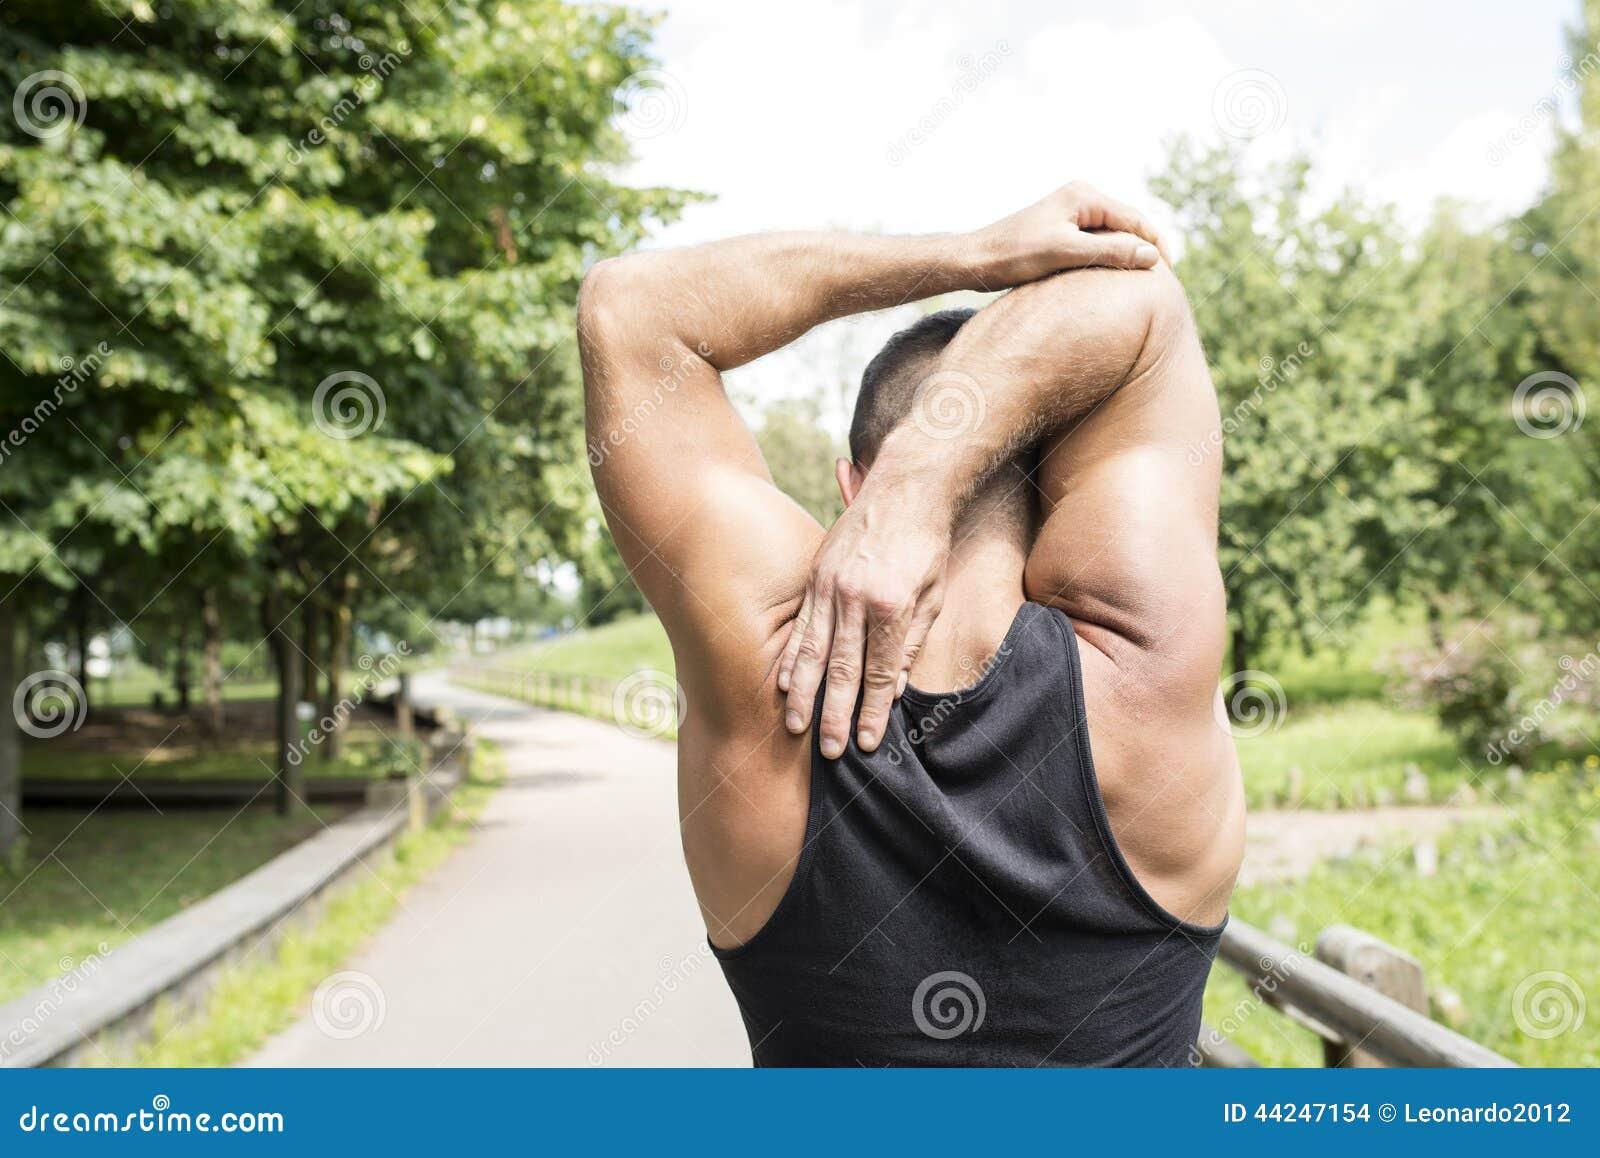 Close up do homem atlético traseiro que faz estiramentos antes de exercitar,